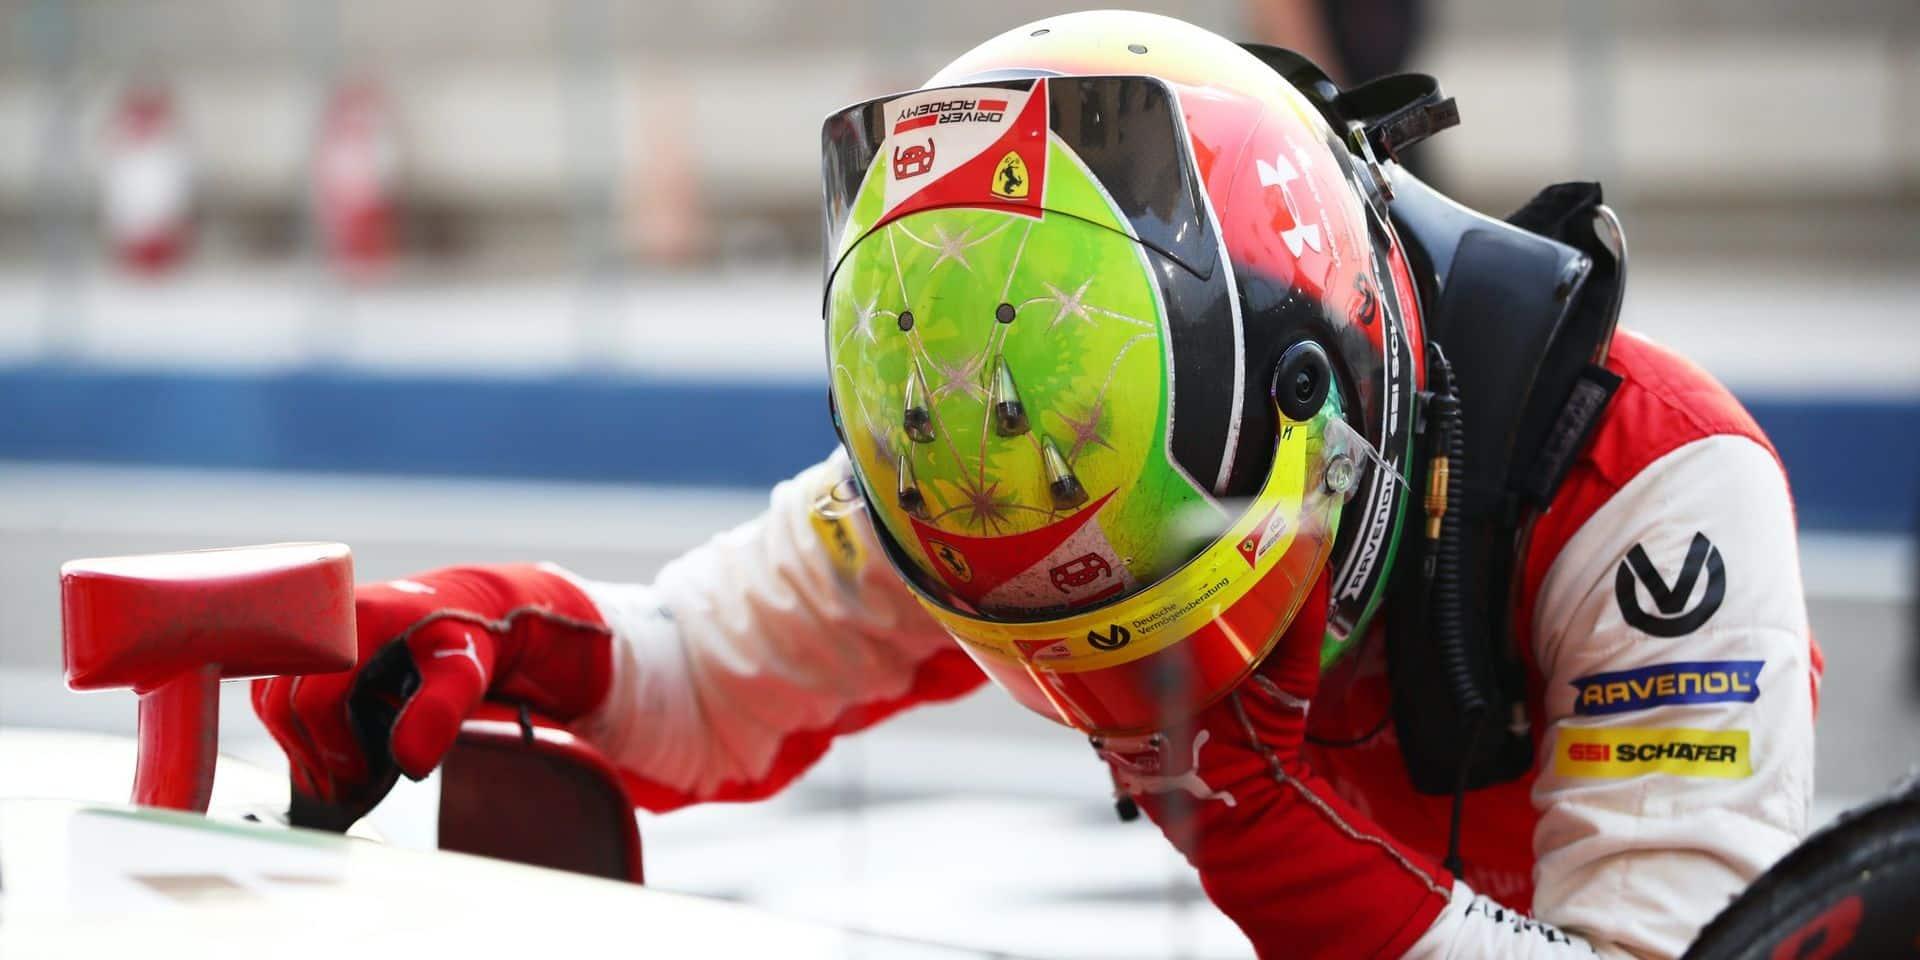 Mick Schumacher sacré champion 2020 de Formule 2